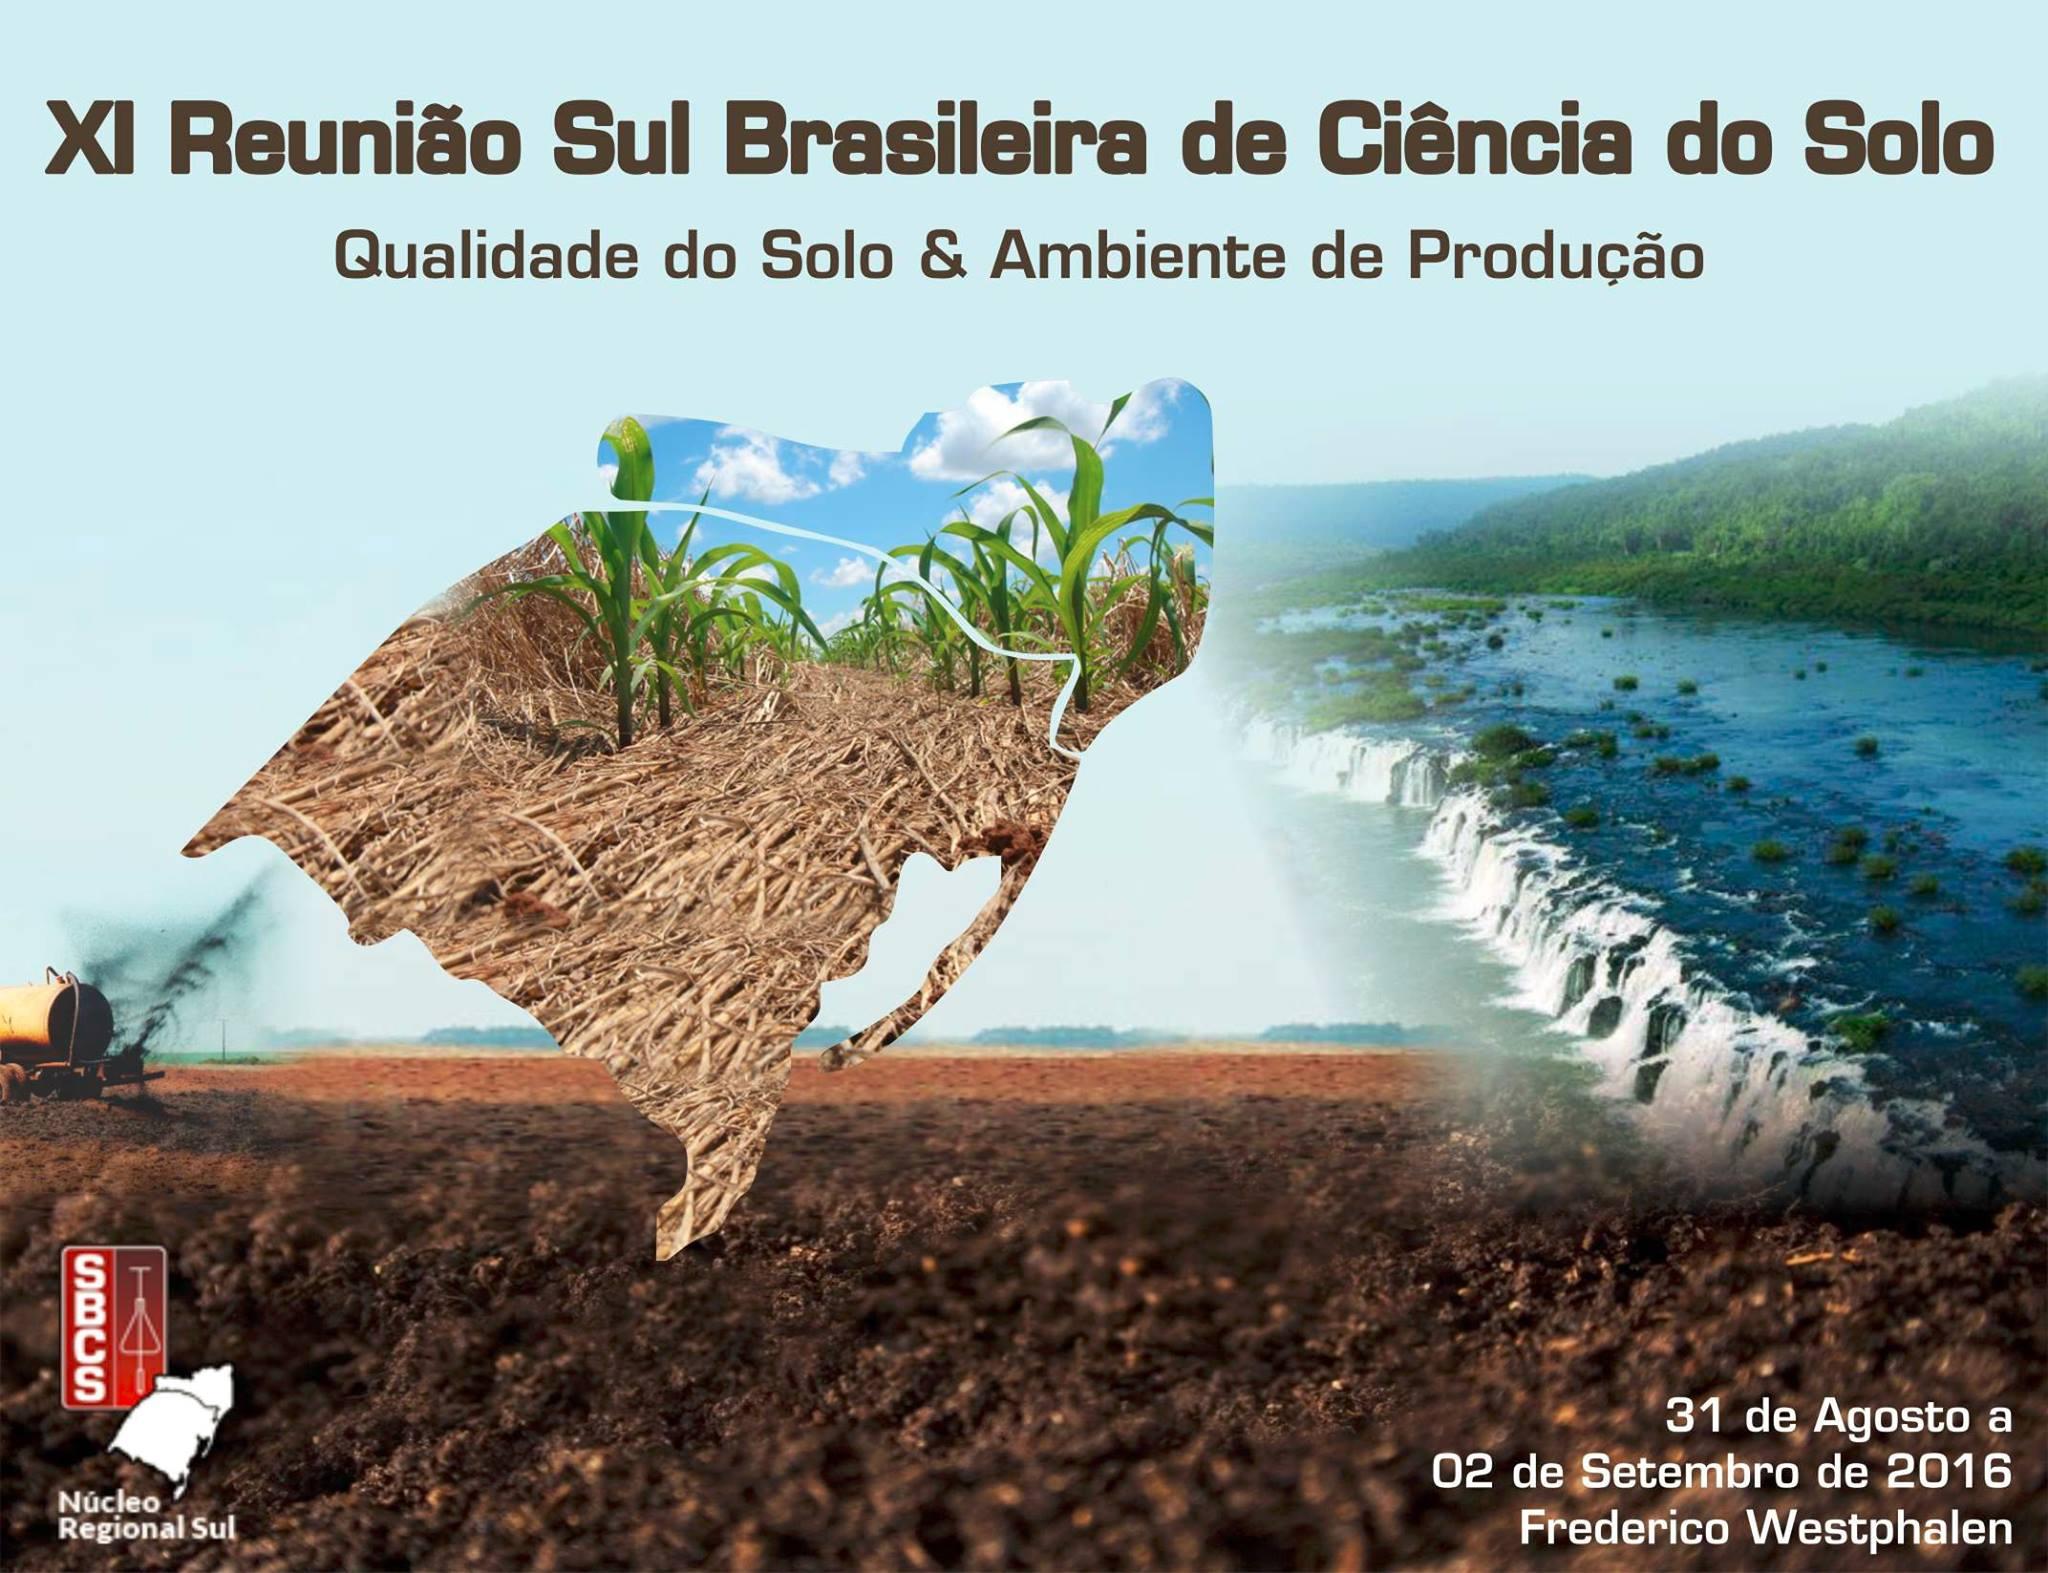 Reunião sul brasileira